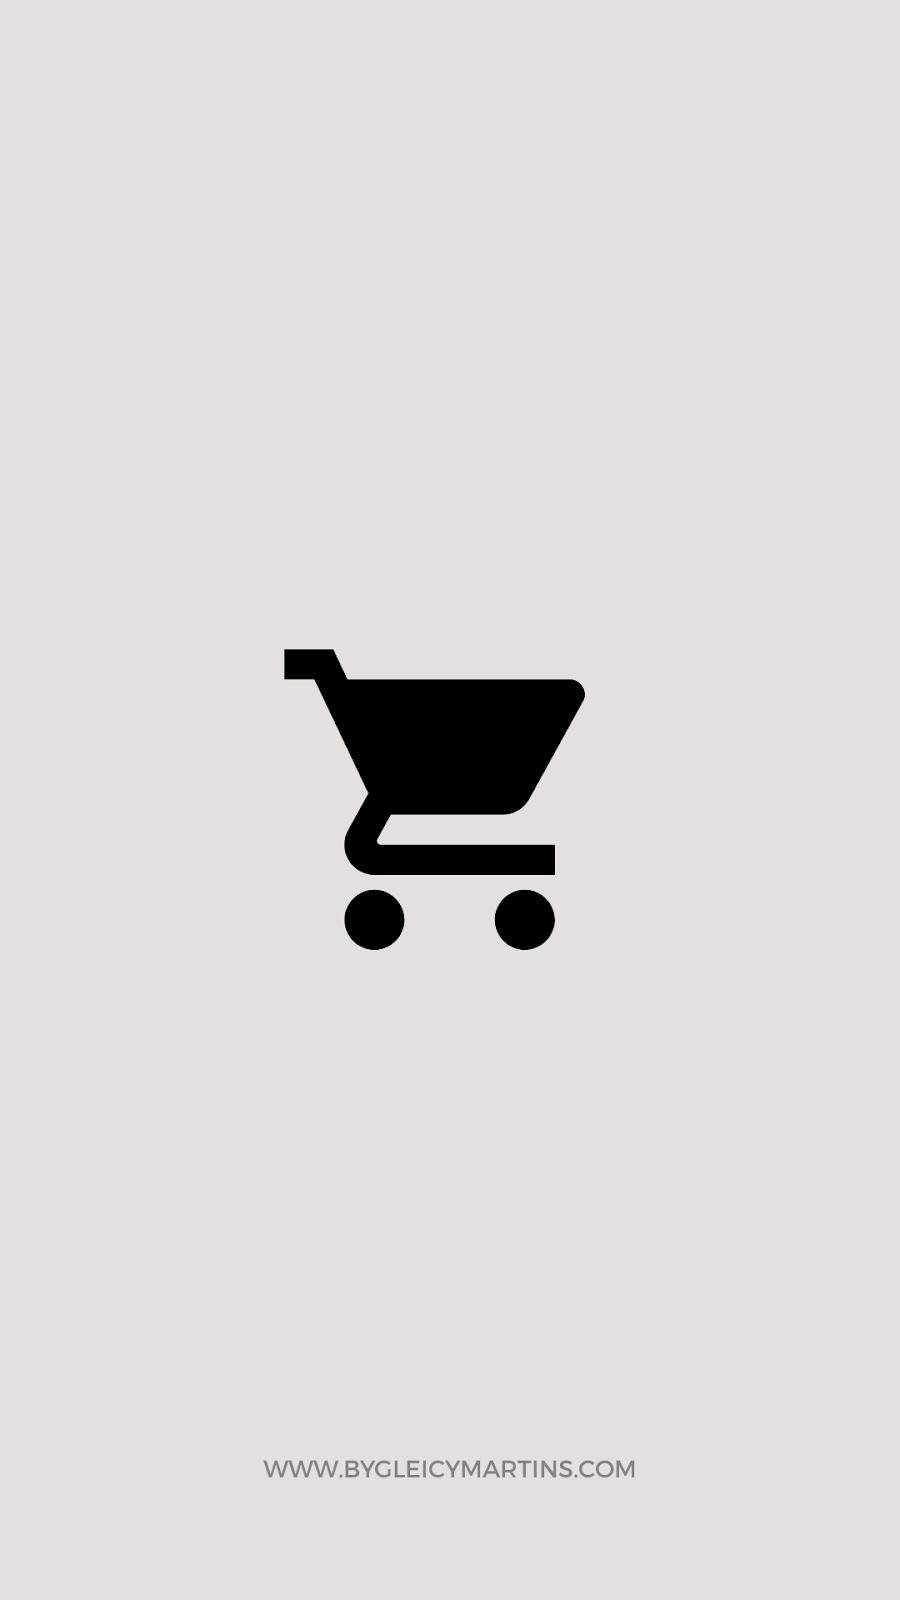 Capa para destaque compras